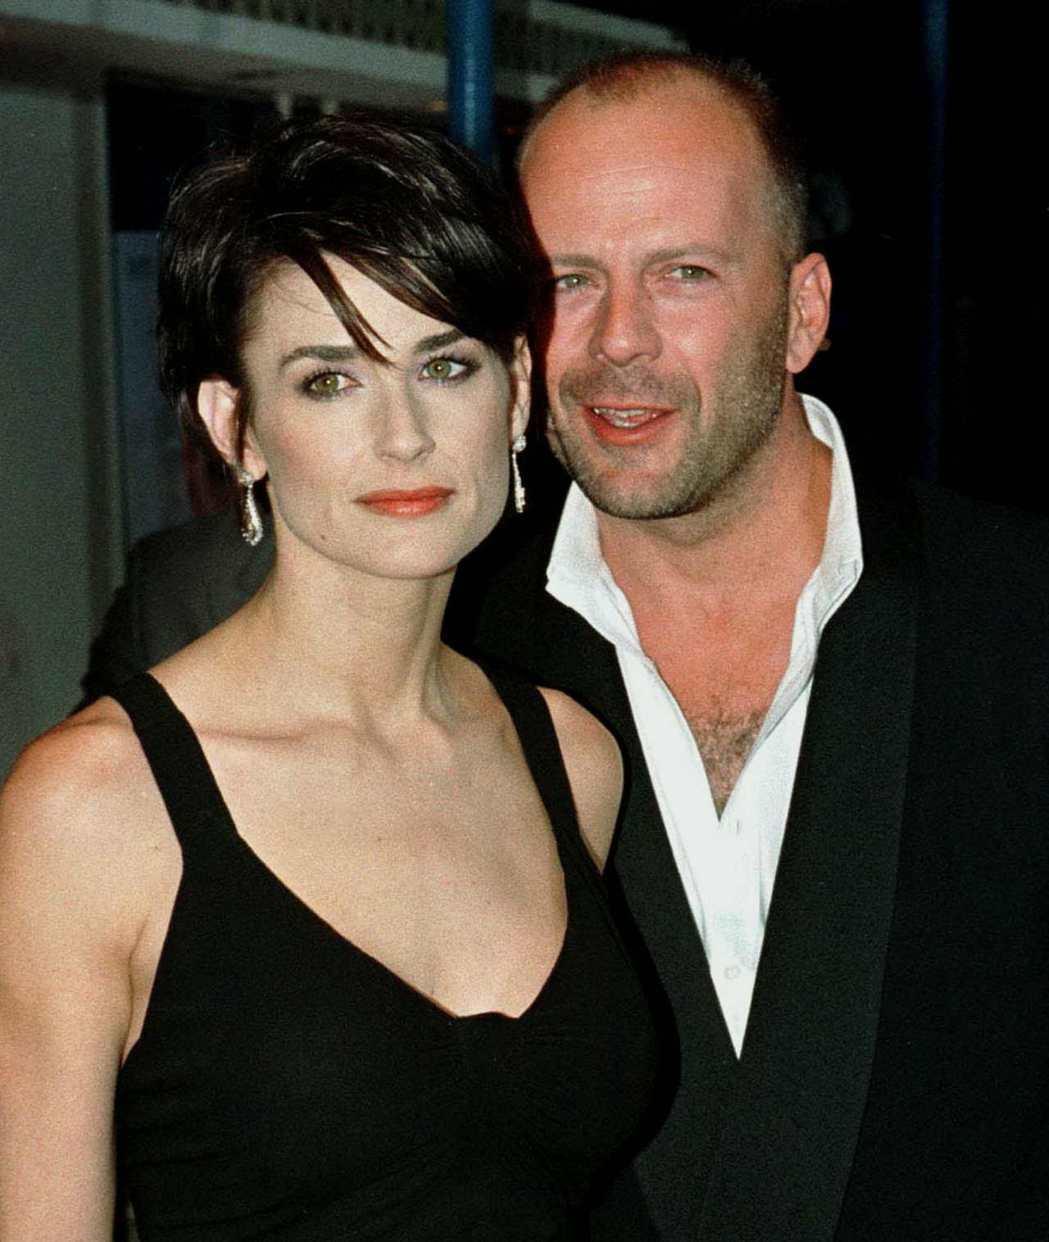 布魯斯威利與黛咪摩兒曾是好萊塢巨星夫妻檔。圖/路透資料照片